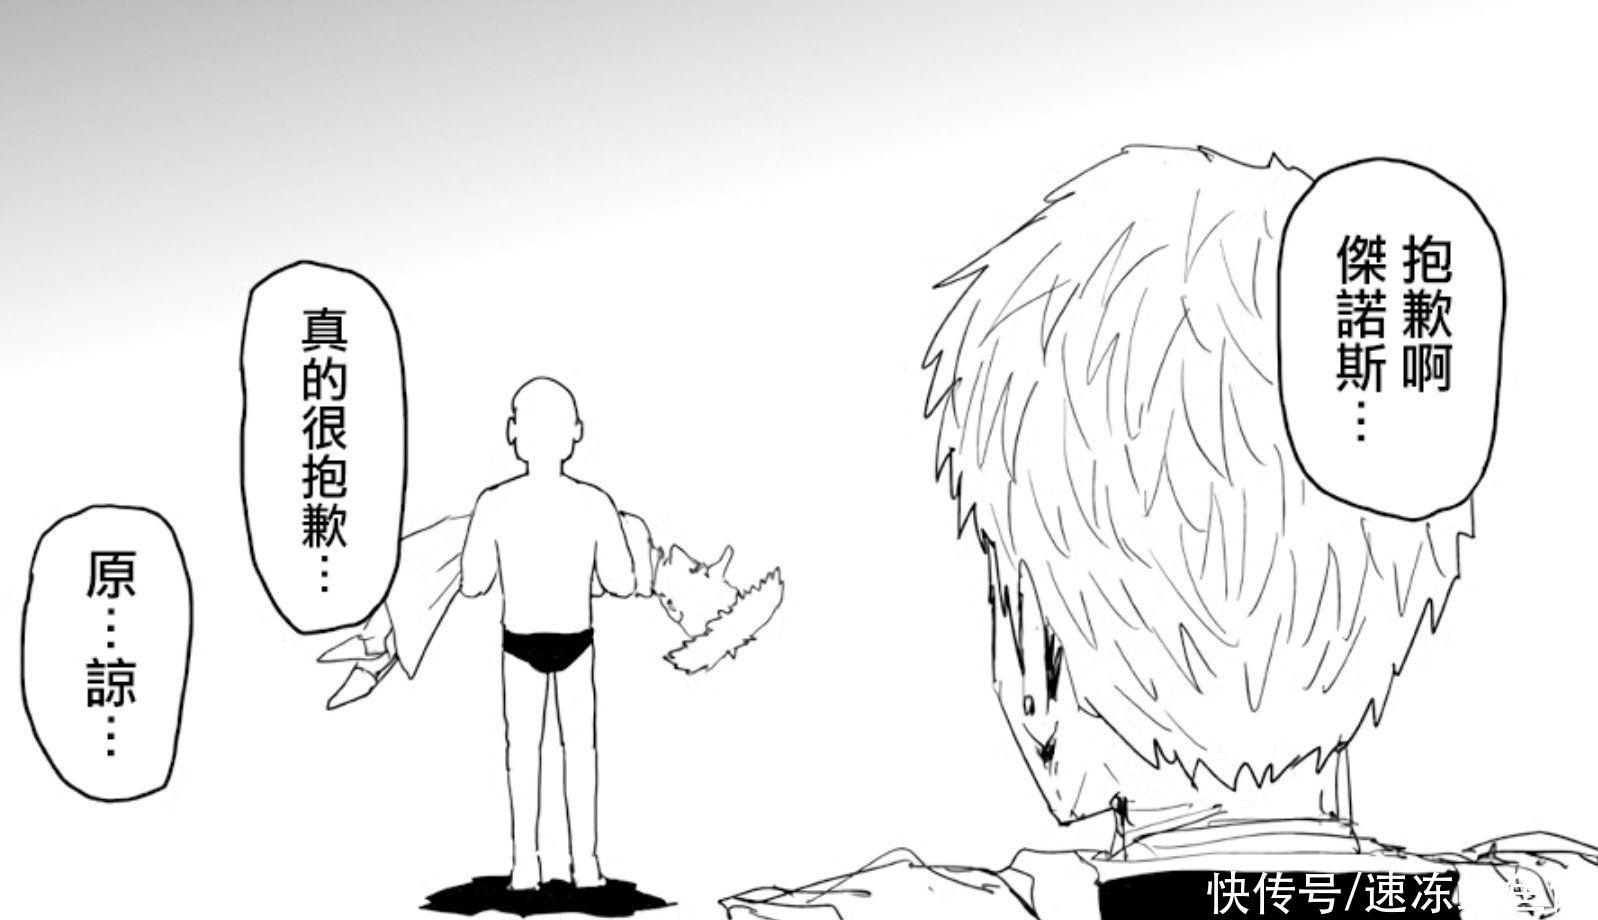 原作版|一拳超人:杰诺斯灭三龙,获得史诗级加强